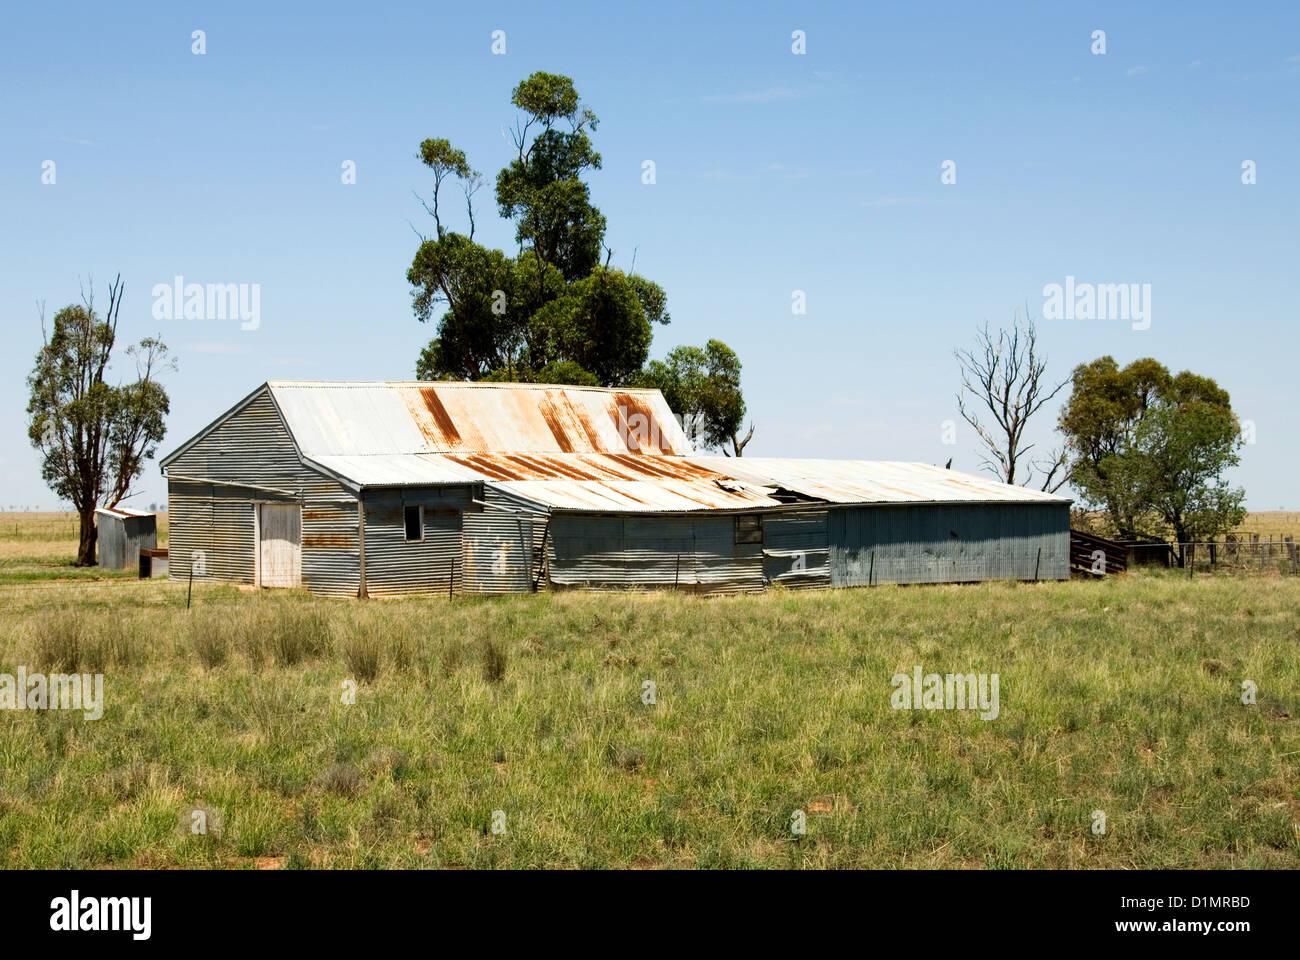 Un vieux hangar de tonte sur une exploitation agricole en pays nouvelle galles du sud